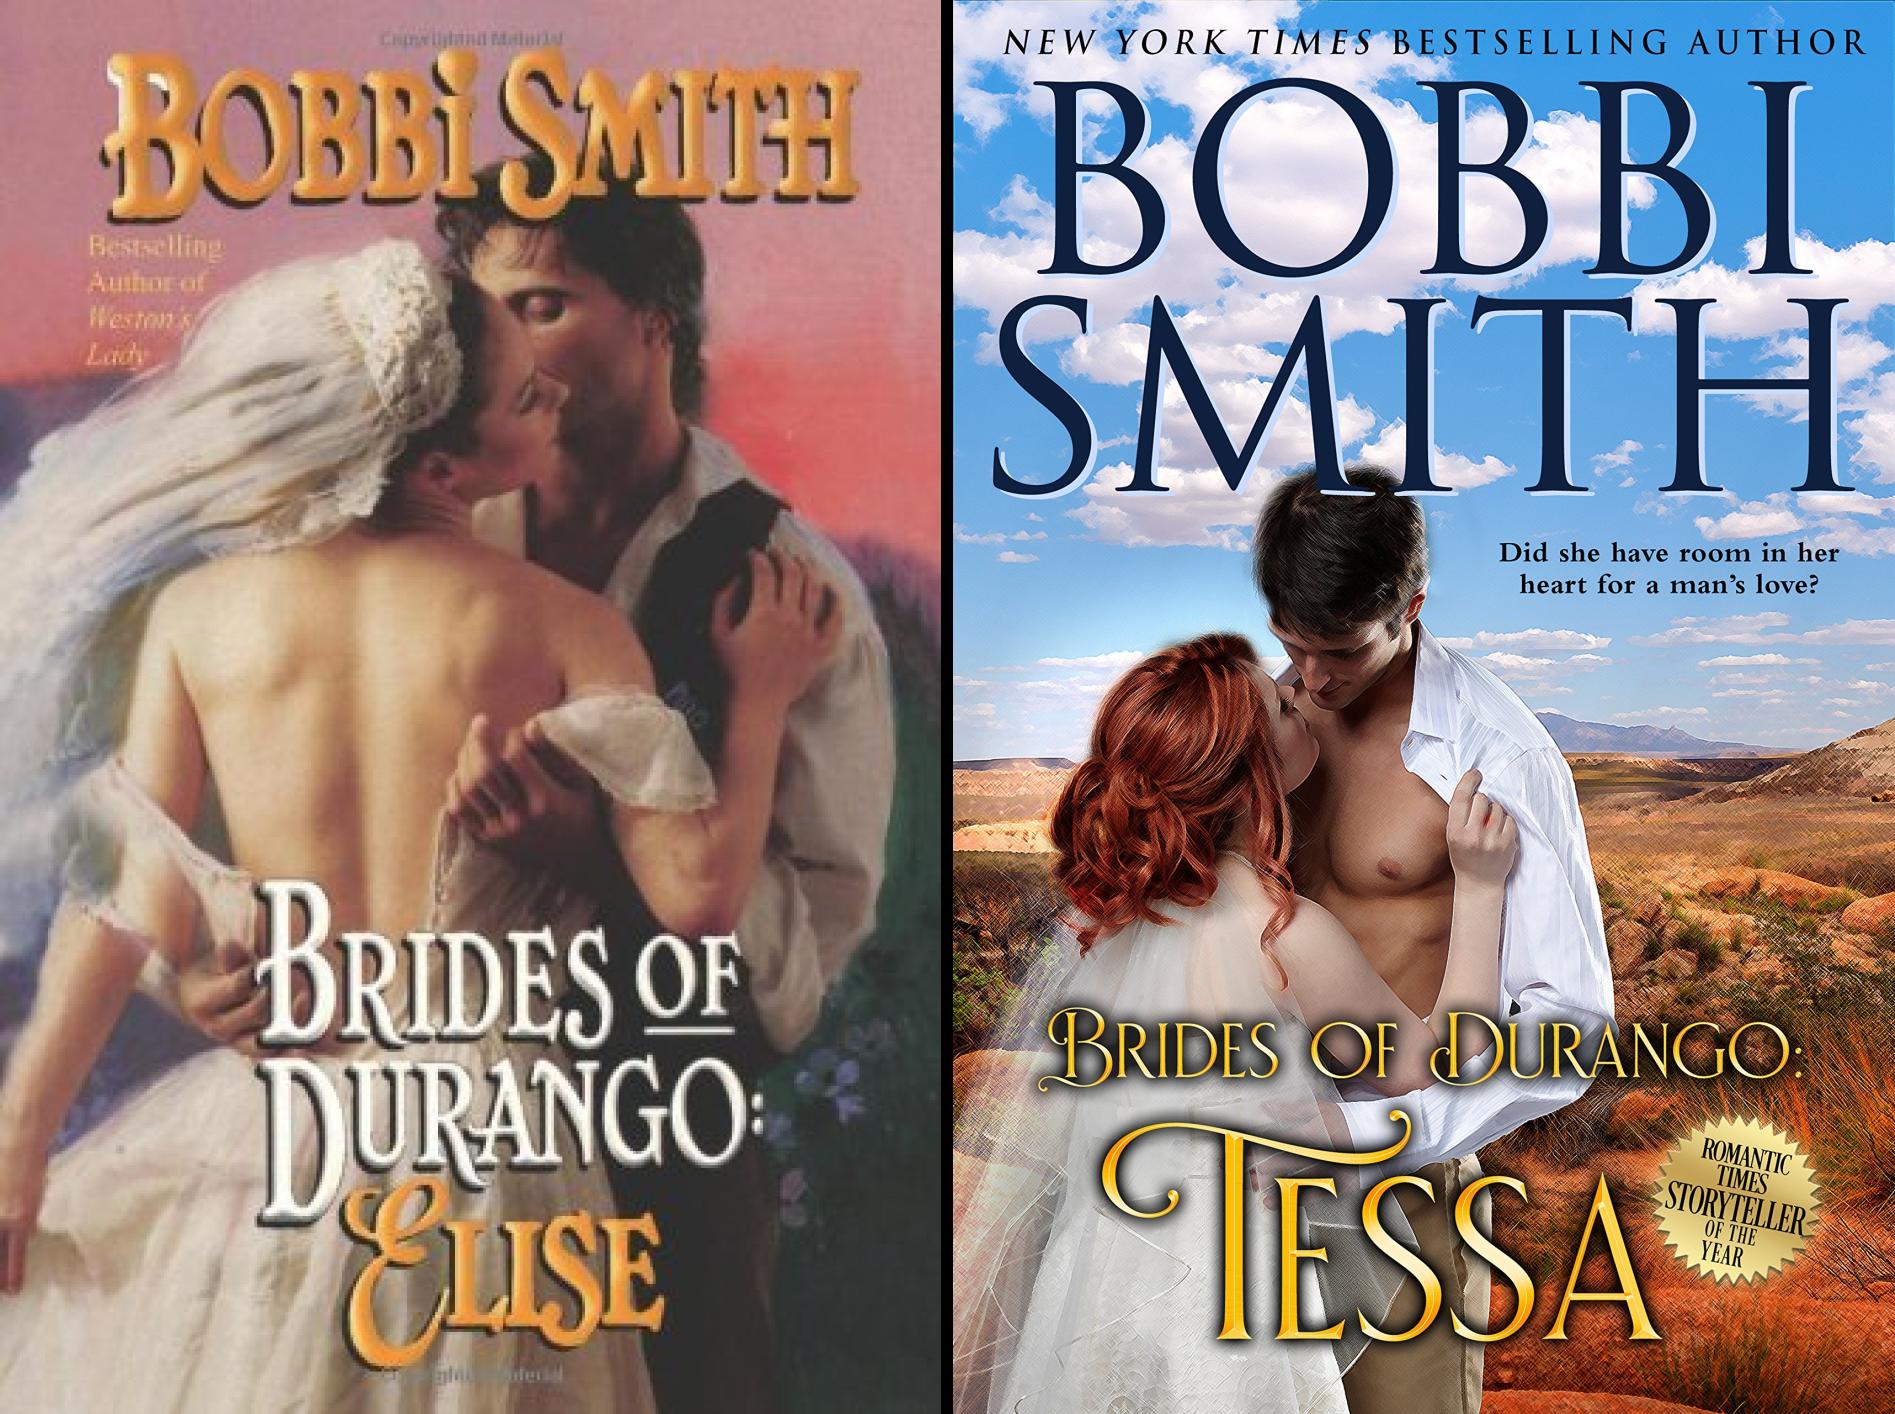 Brides of Durango (2 Book Series)